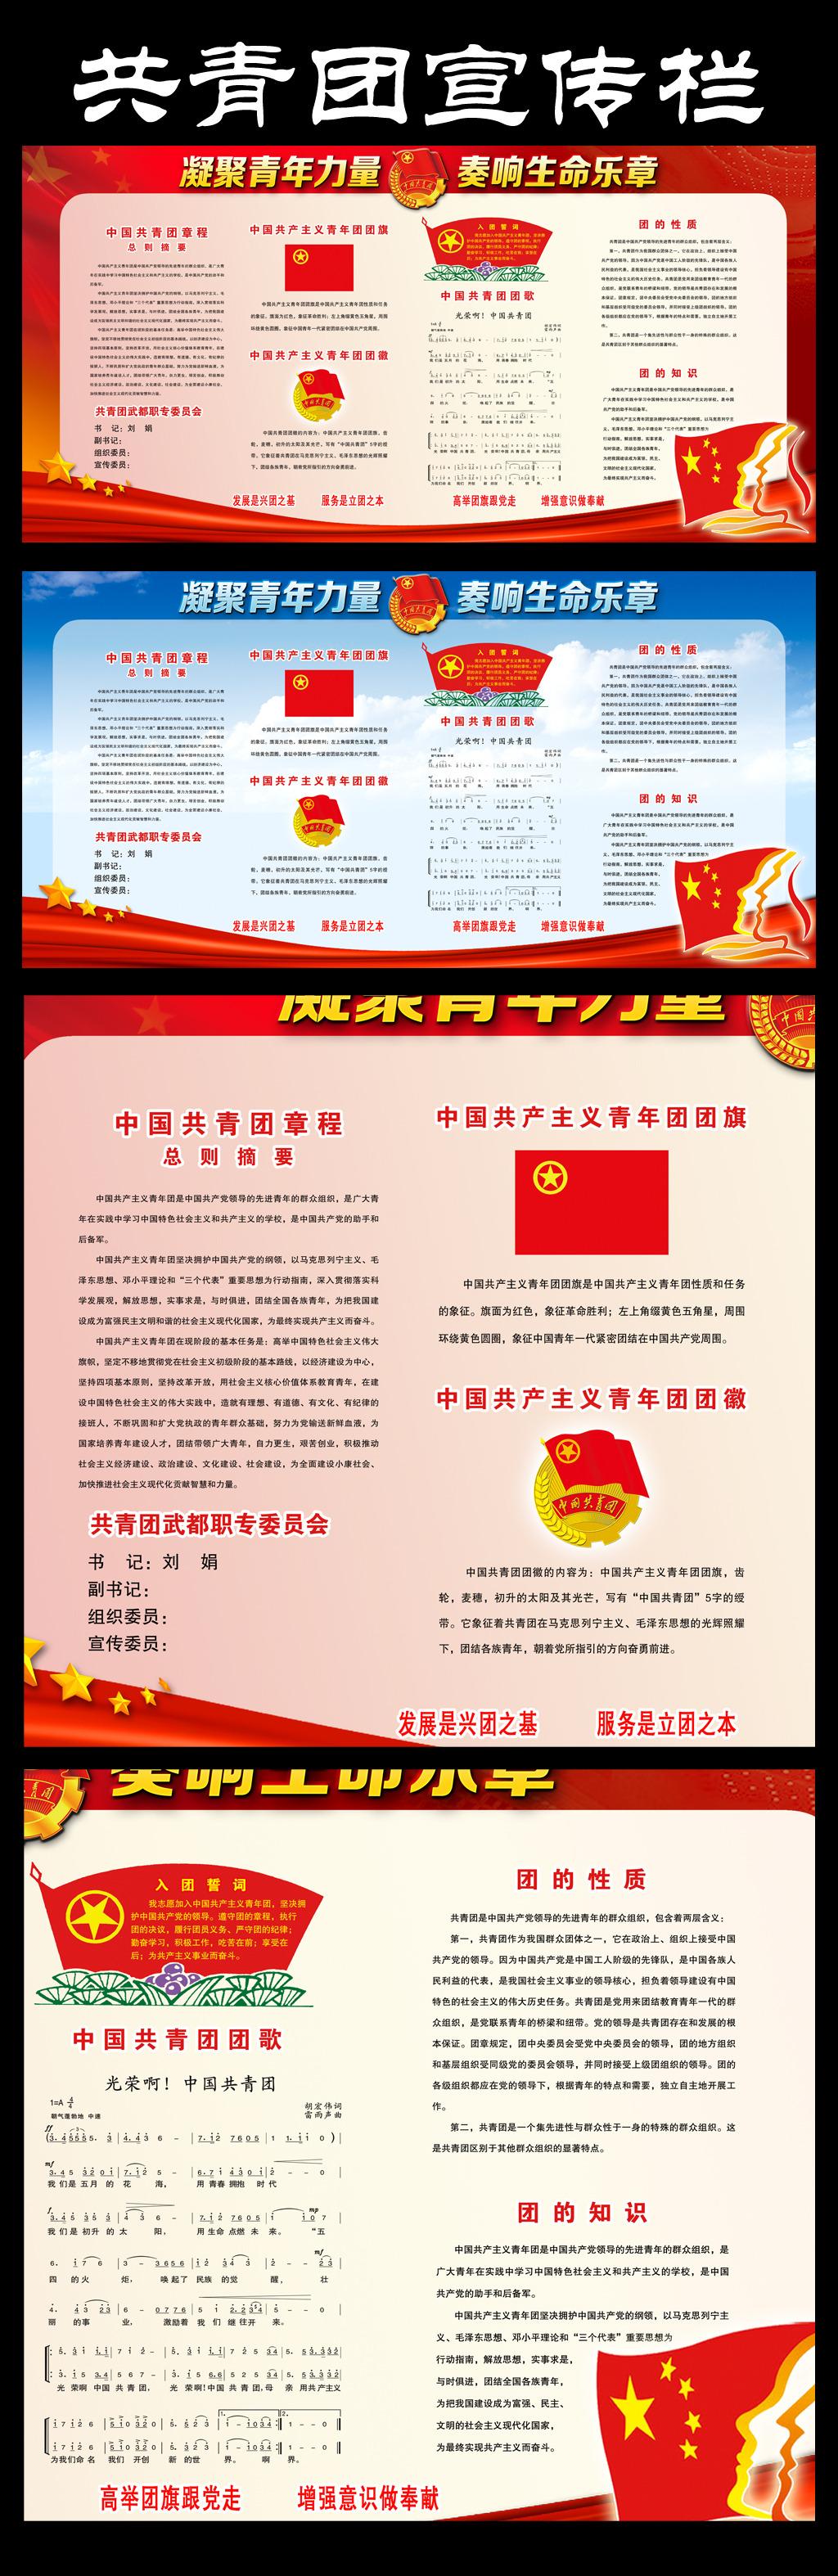 中国共青团宣传栏模版设计图片